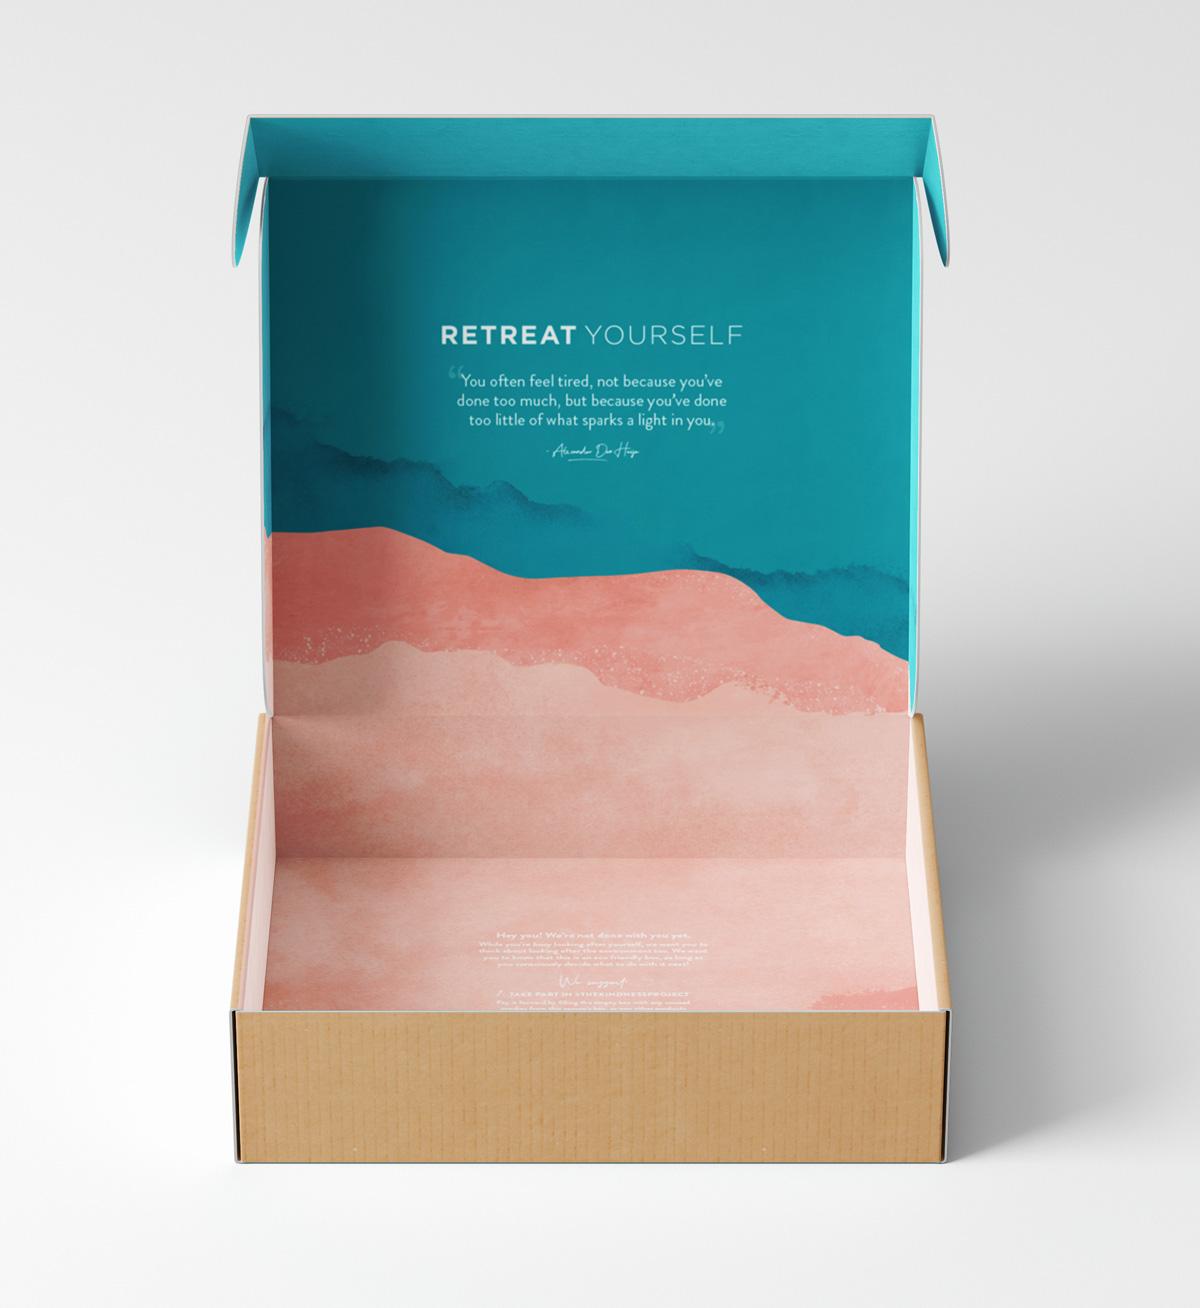 RY-box-01